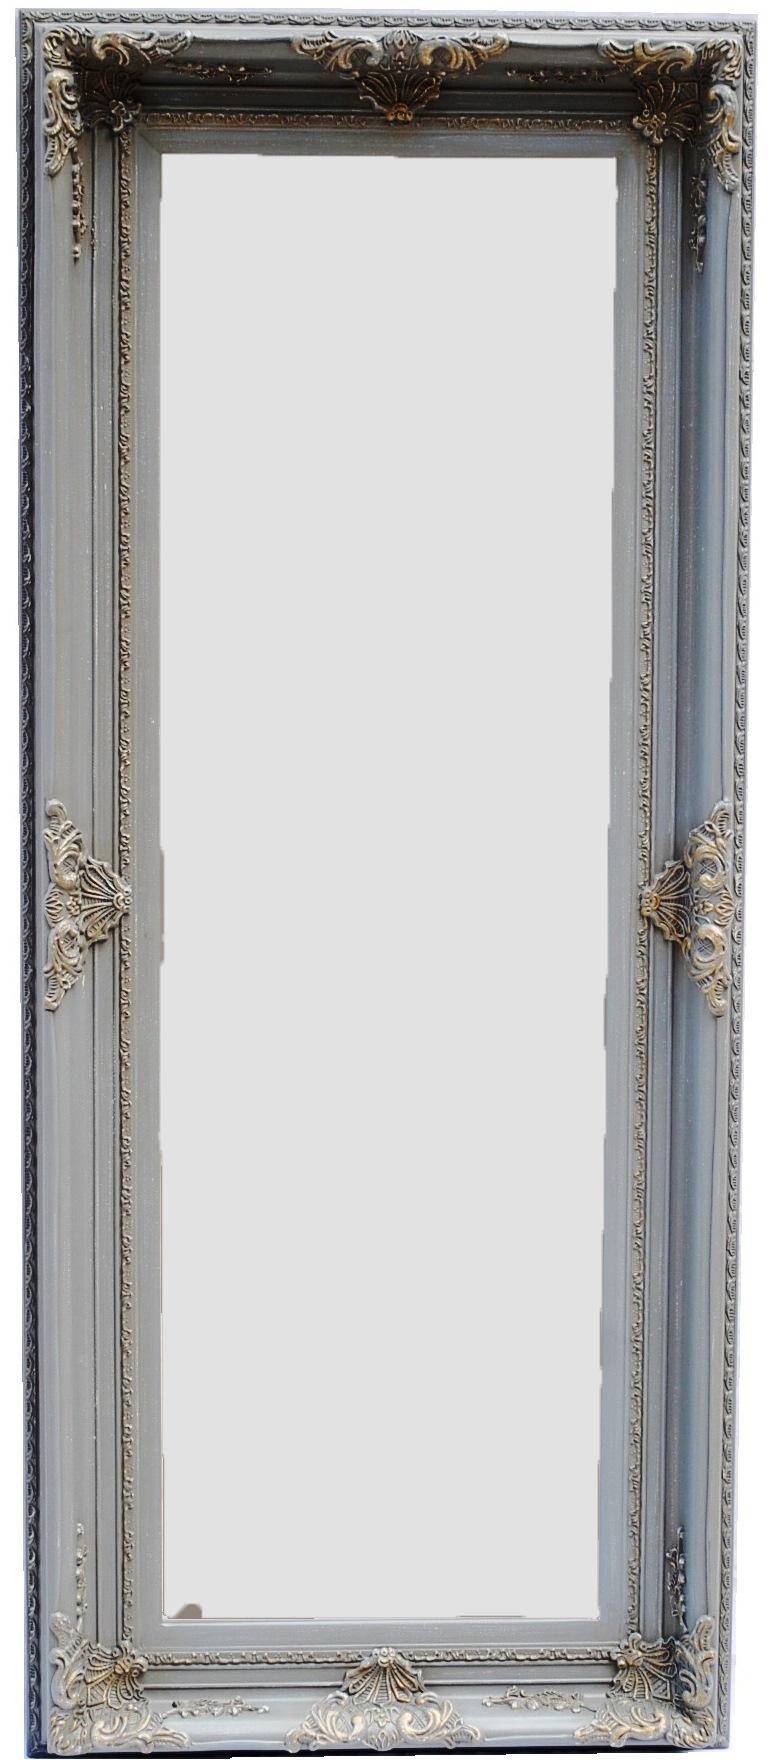 Καθρέπτης Ξύλινος Royal Art 90x150εκ. INA3/3088/150GRE (Υλικό: Ξύλο) - Royal Art Collection - INA3/3088/150GRE